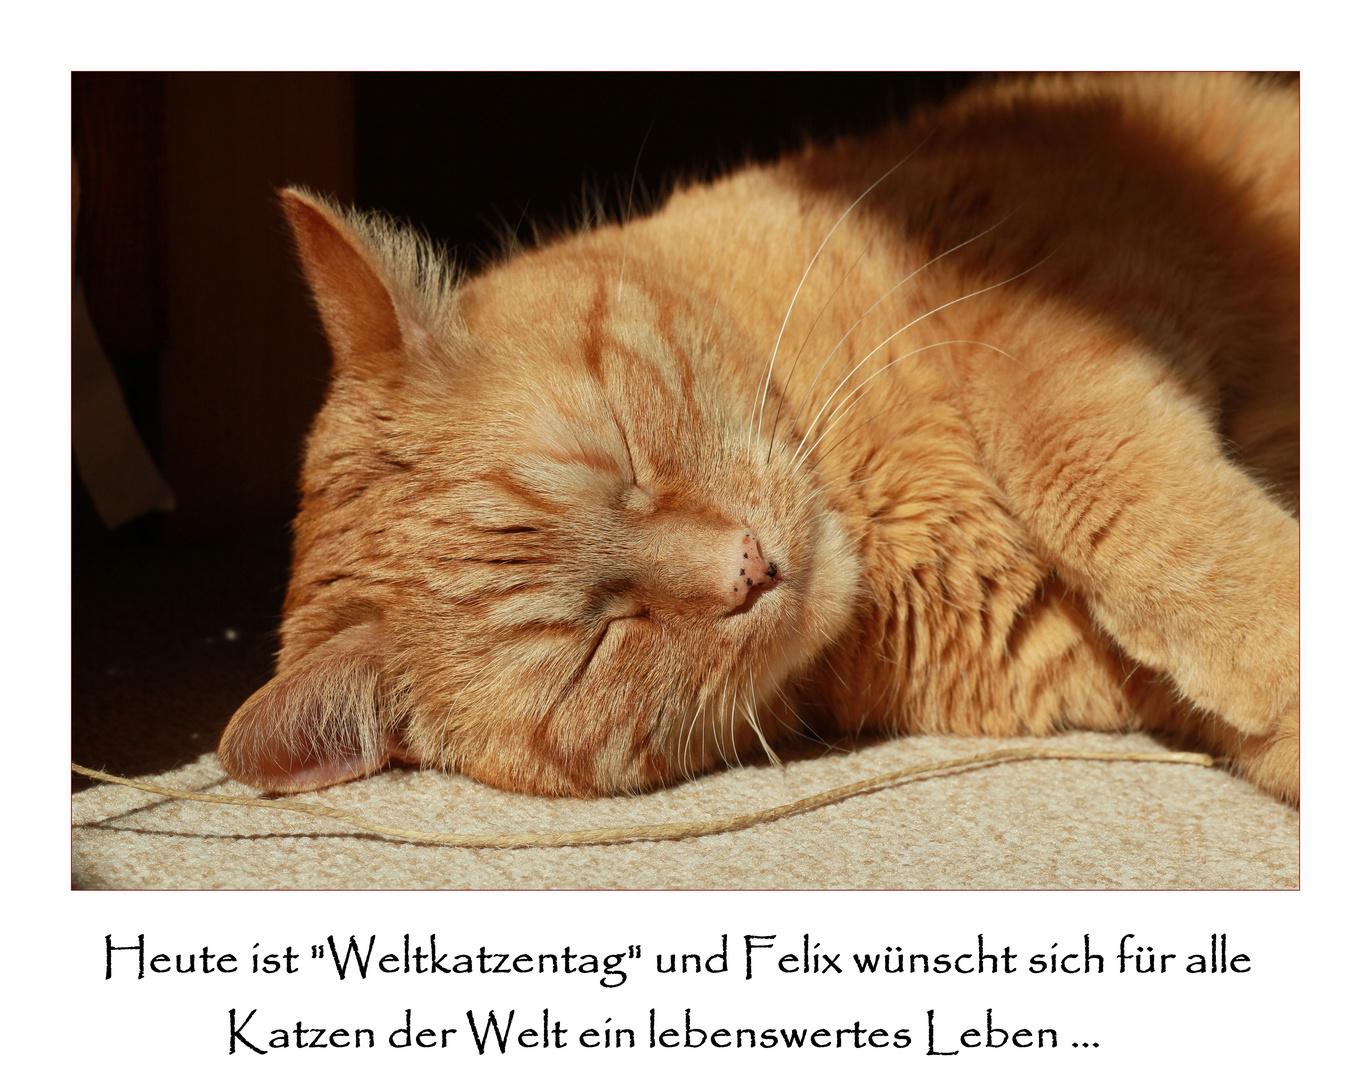 Weltkatzentag 08.08.2010 ...